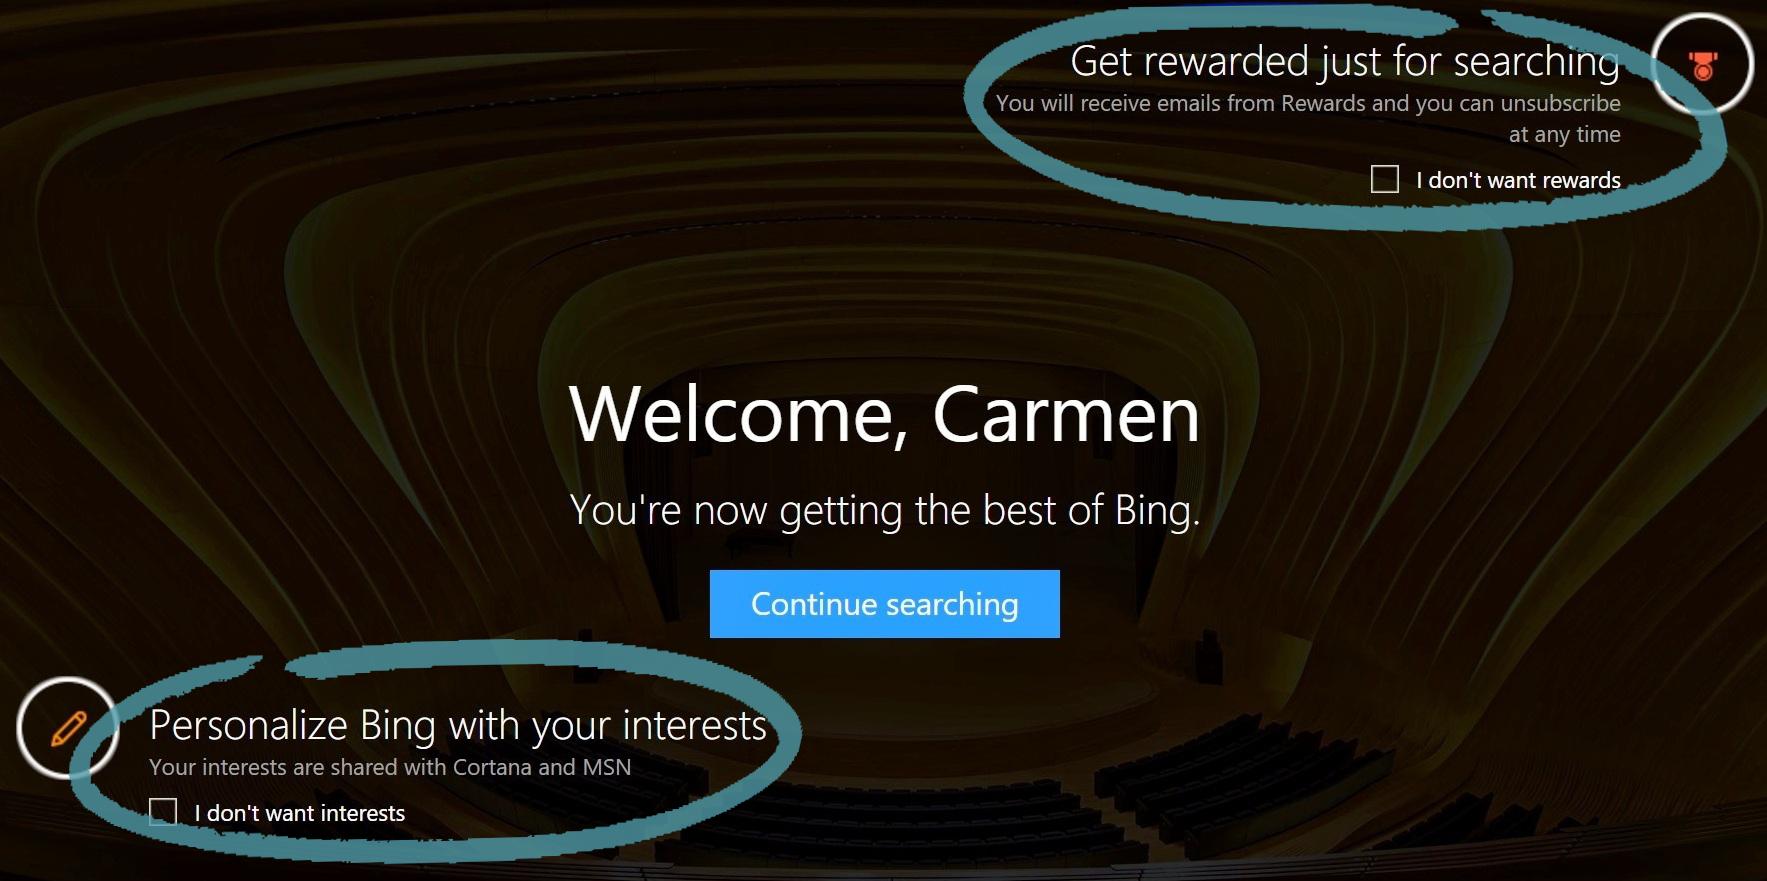 Αρχική σελίδα του Bing με συγκατάθεση για το Πρόγραμμα ανταμοιβών και τα Ενδιαφέροντα